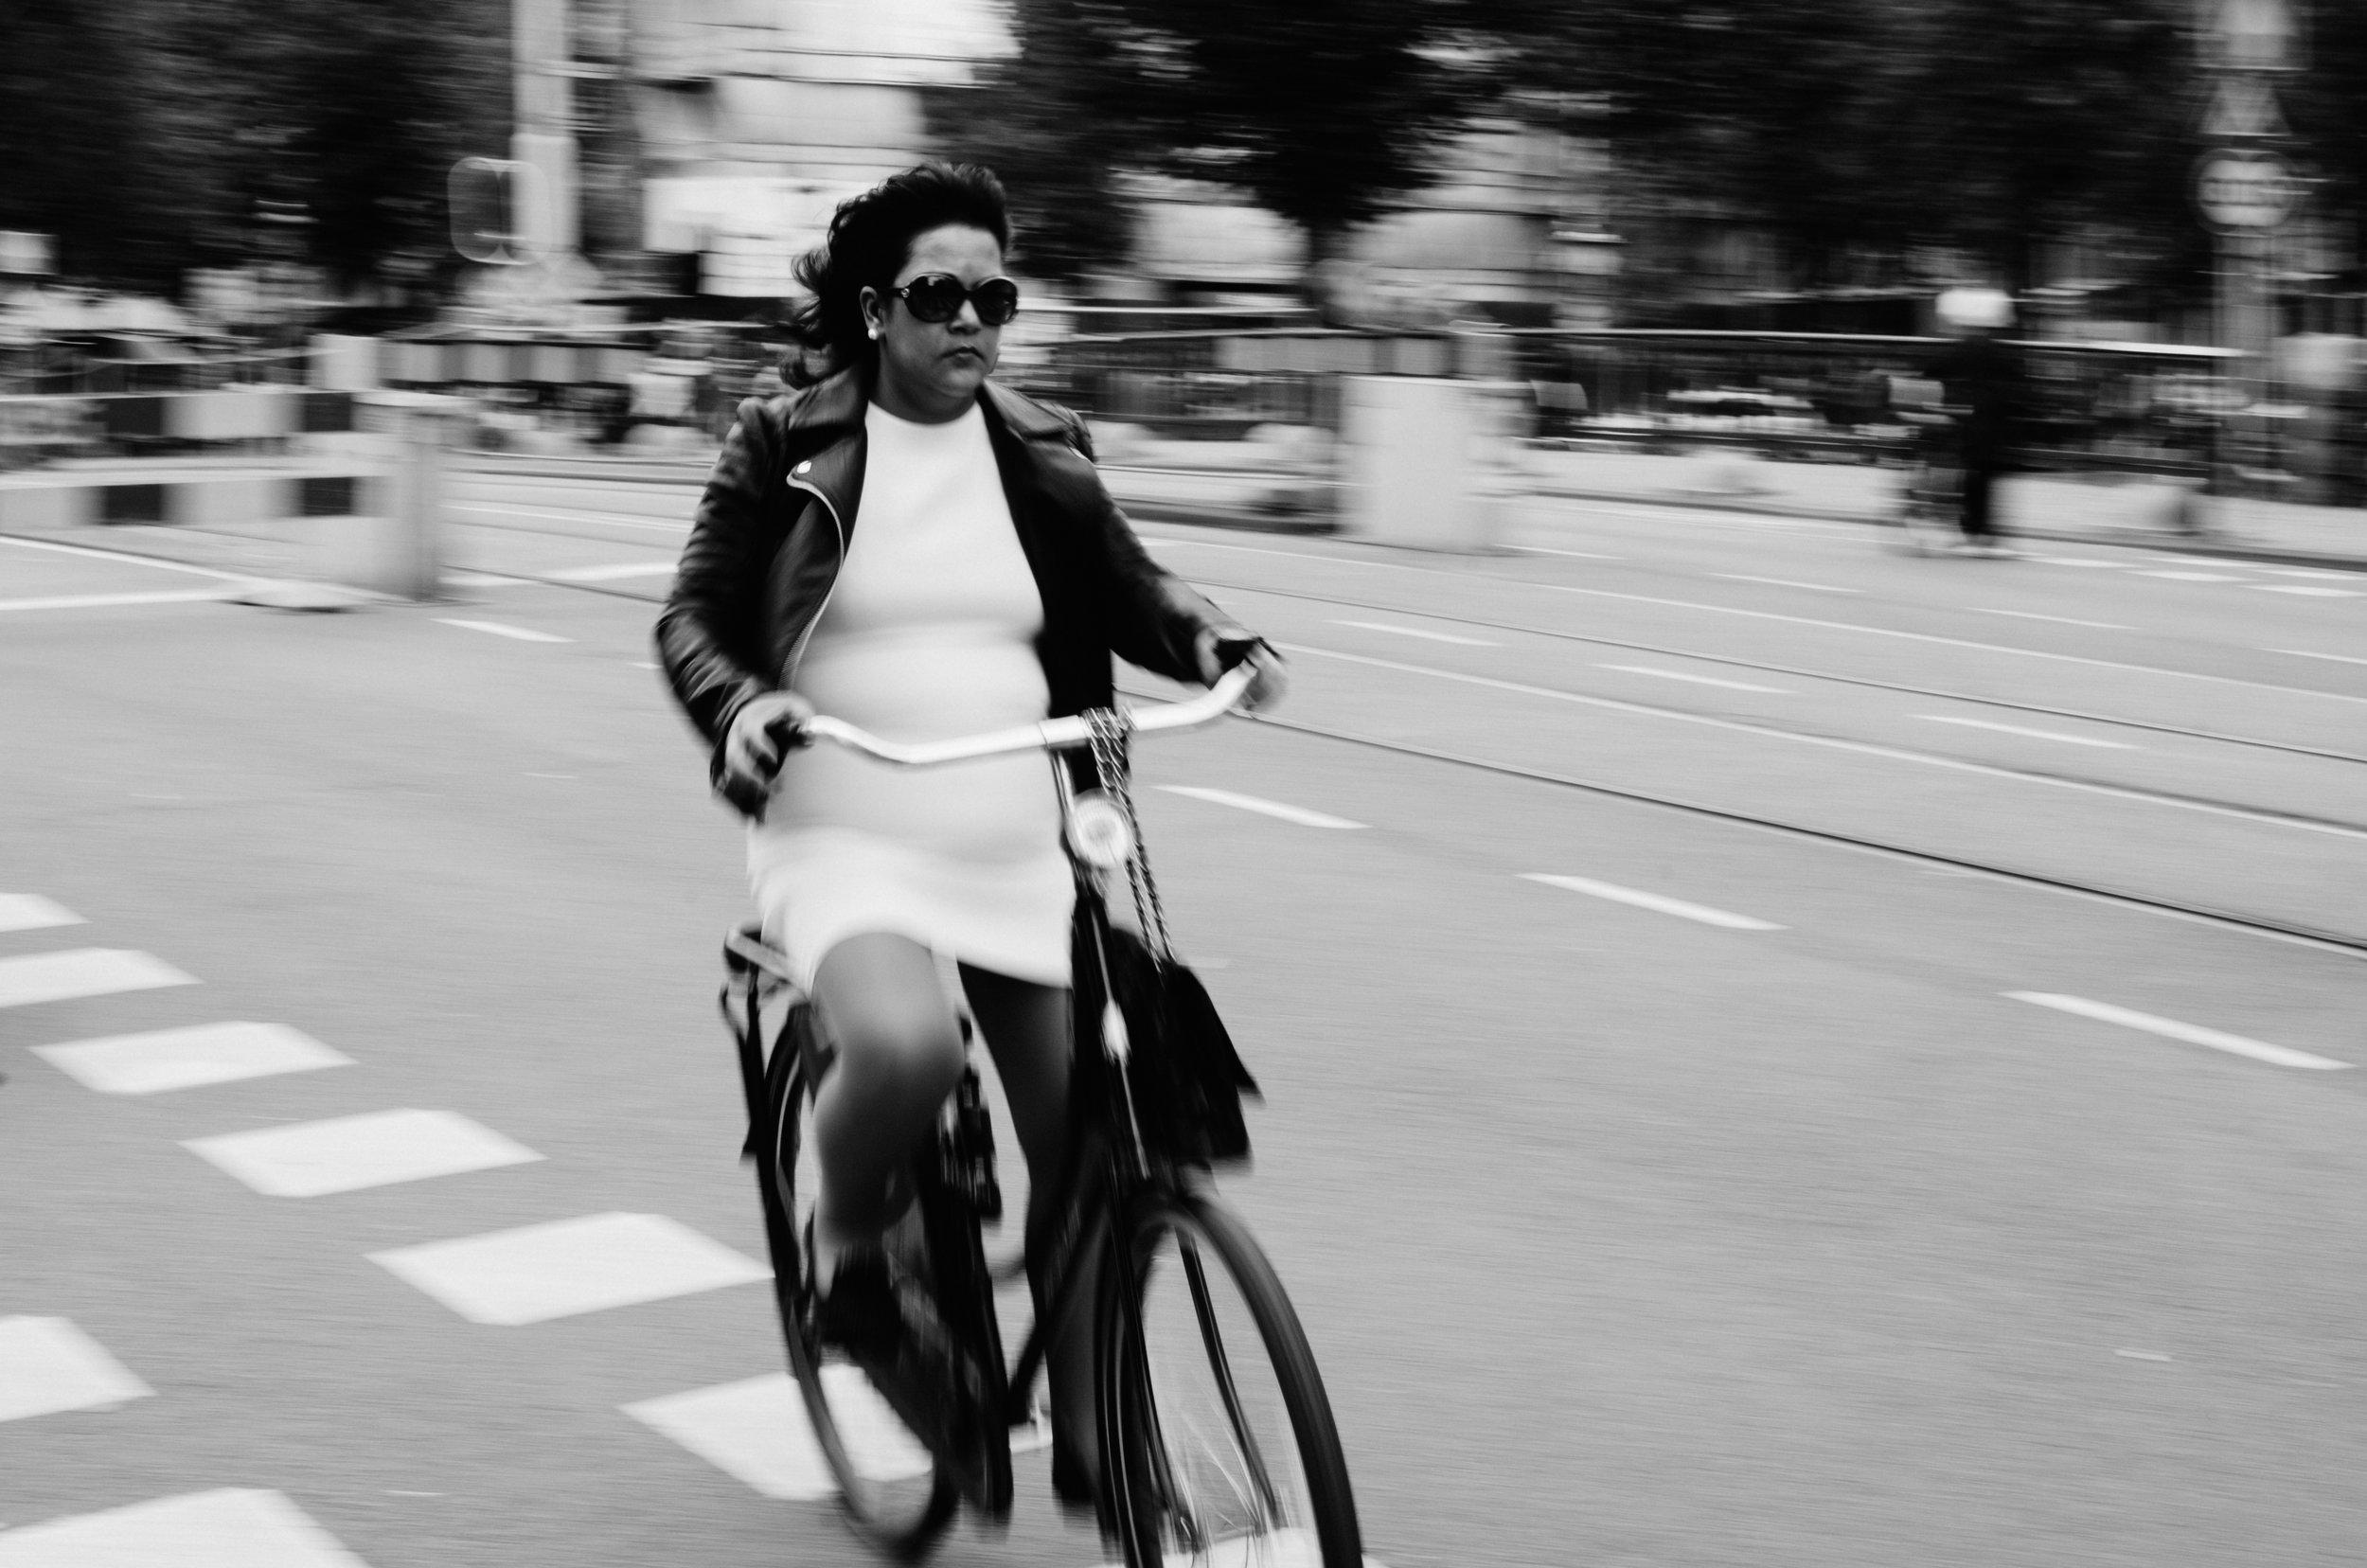 stock-photo-amsterdam-biker-2-81412459.jpg